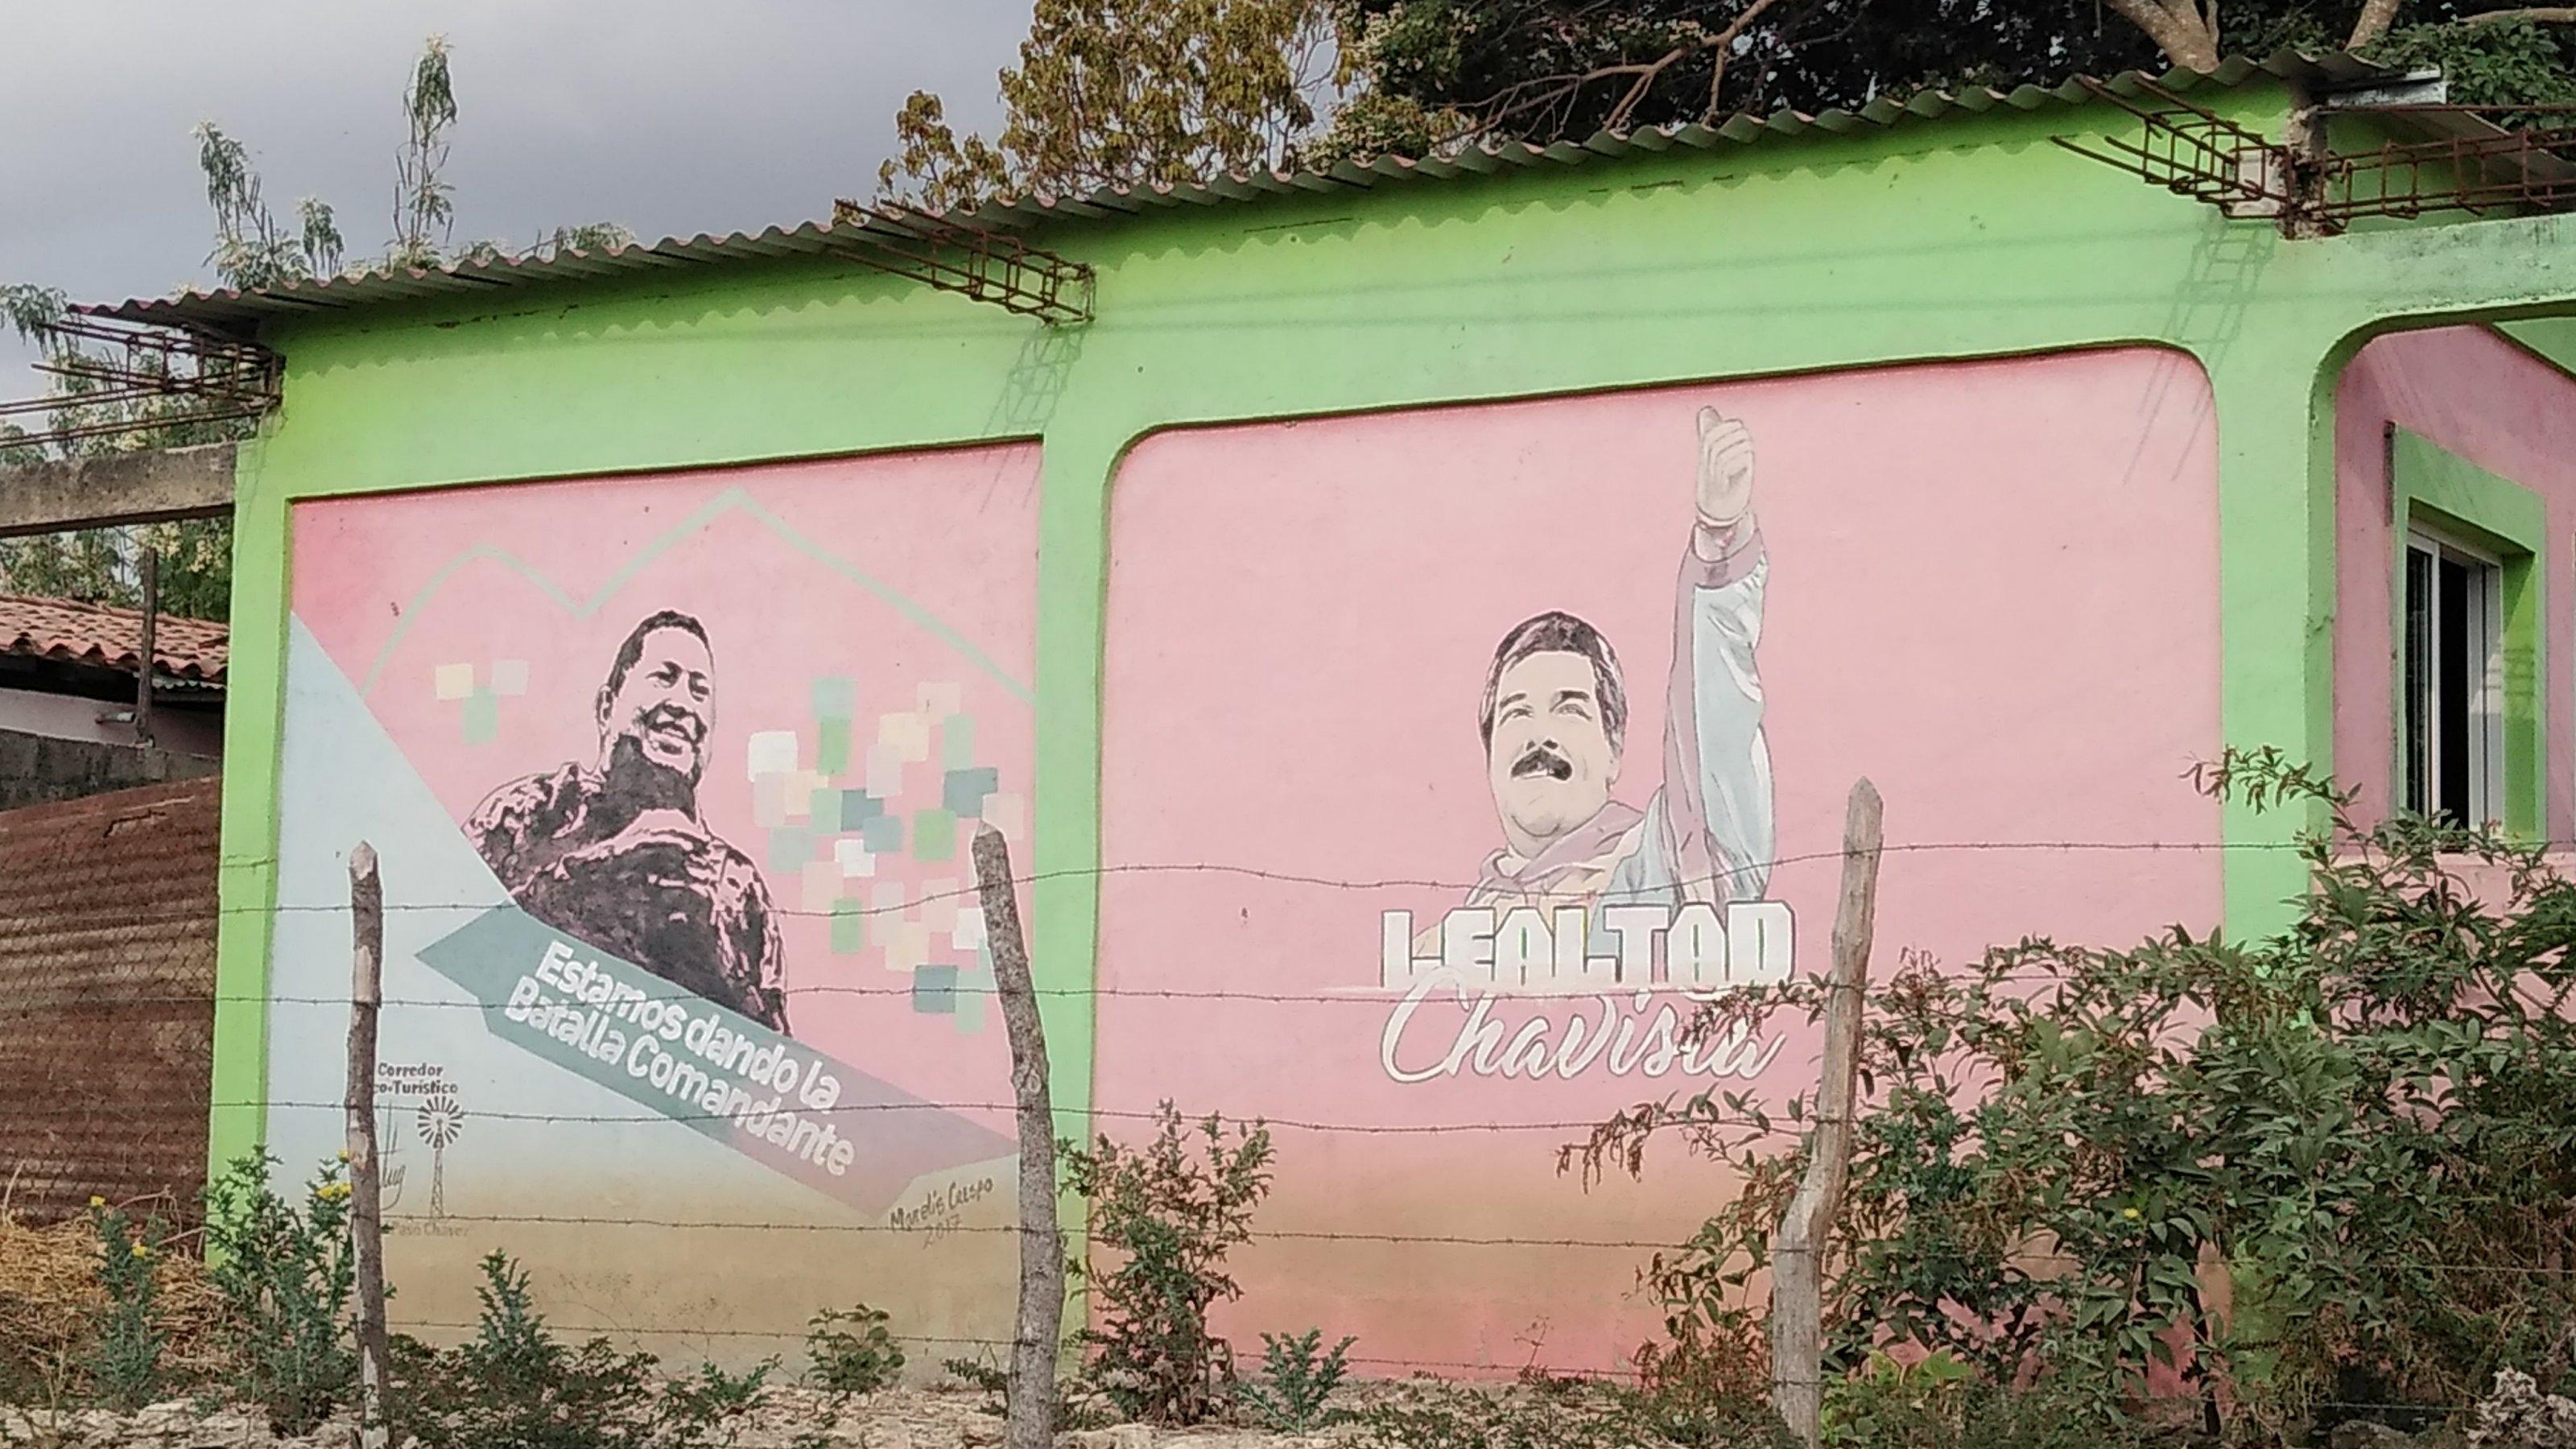 Hellgrüne Häuserwand, auf der zwei gemalte Figuren zu erkennen sind: links der verstorbene venezolanische Präsident Hugo Chavez, rechts der jetzige Präsident Nicolas Maduro.